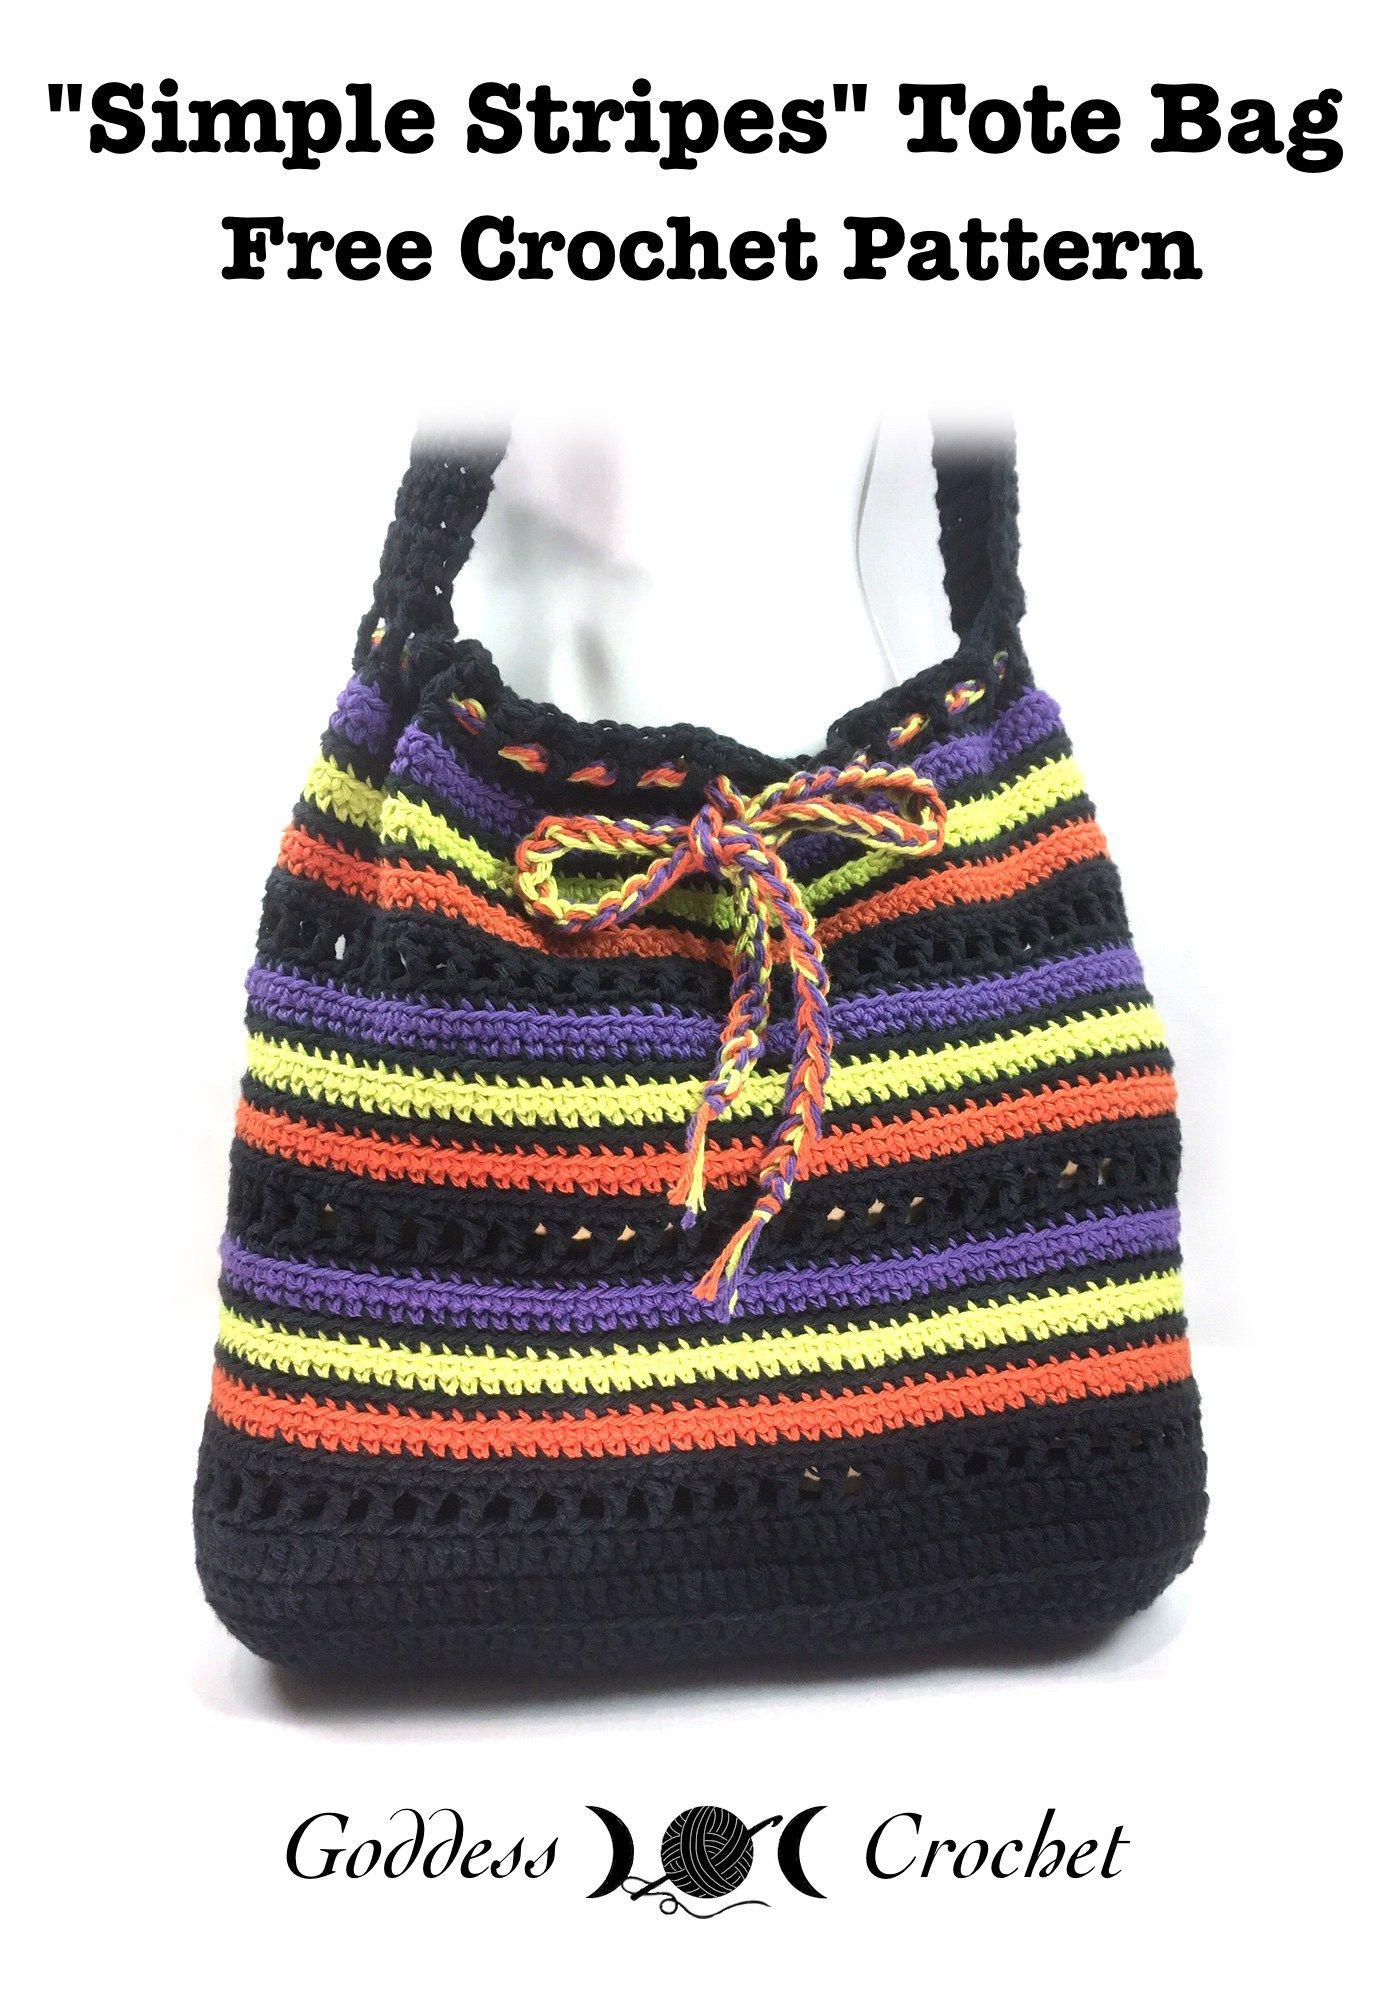 Simple stripes tote bag free crochet pattern blogger crochet simple stripes tote bag free crochet pattern bankloansurffo Gallery